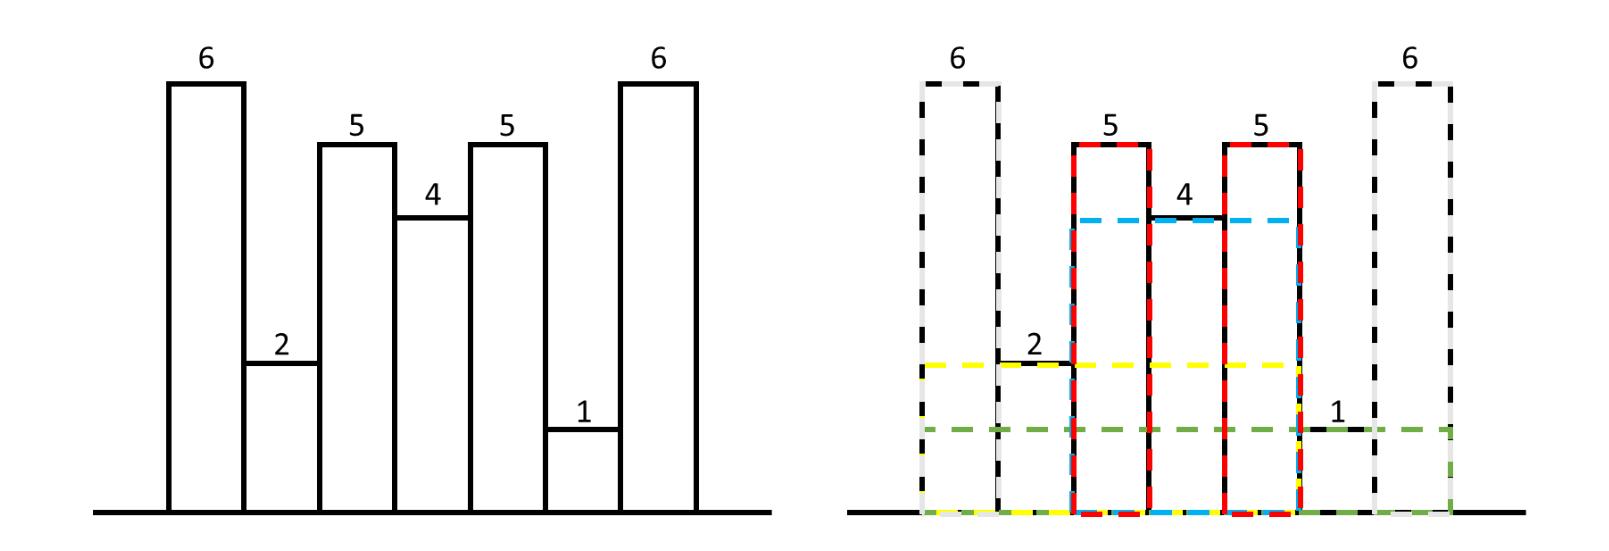 Maximum area histogram example 1